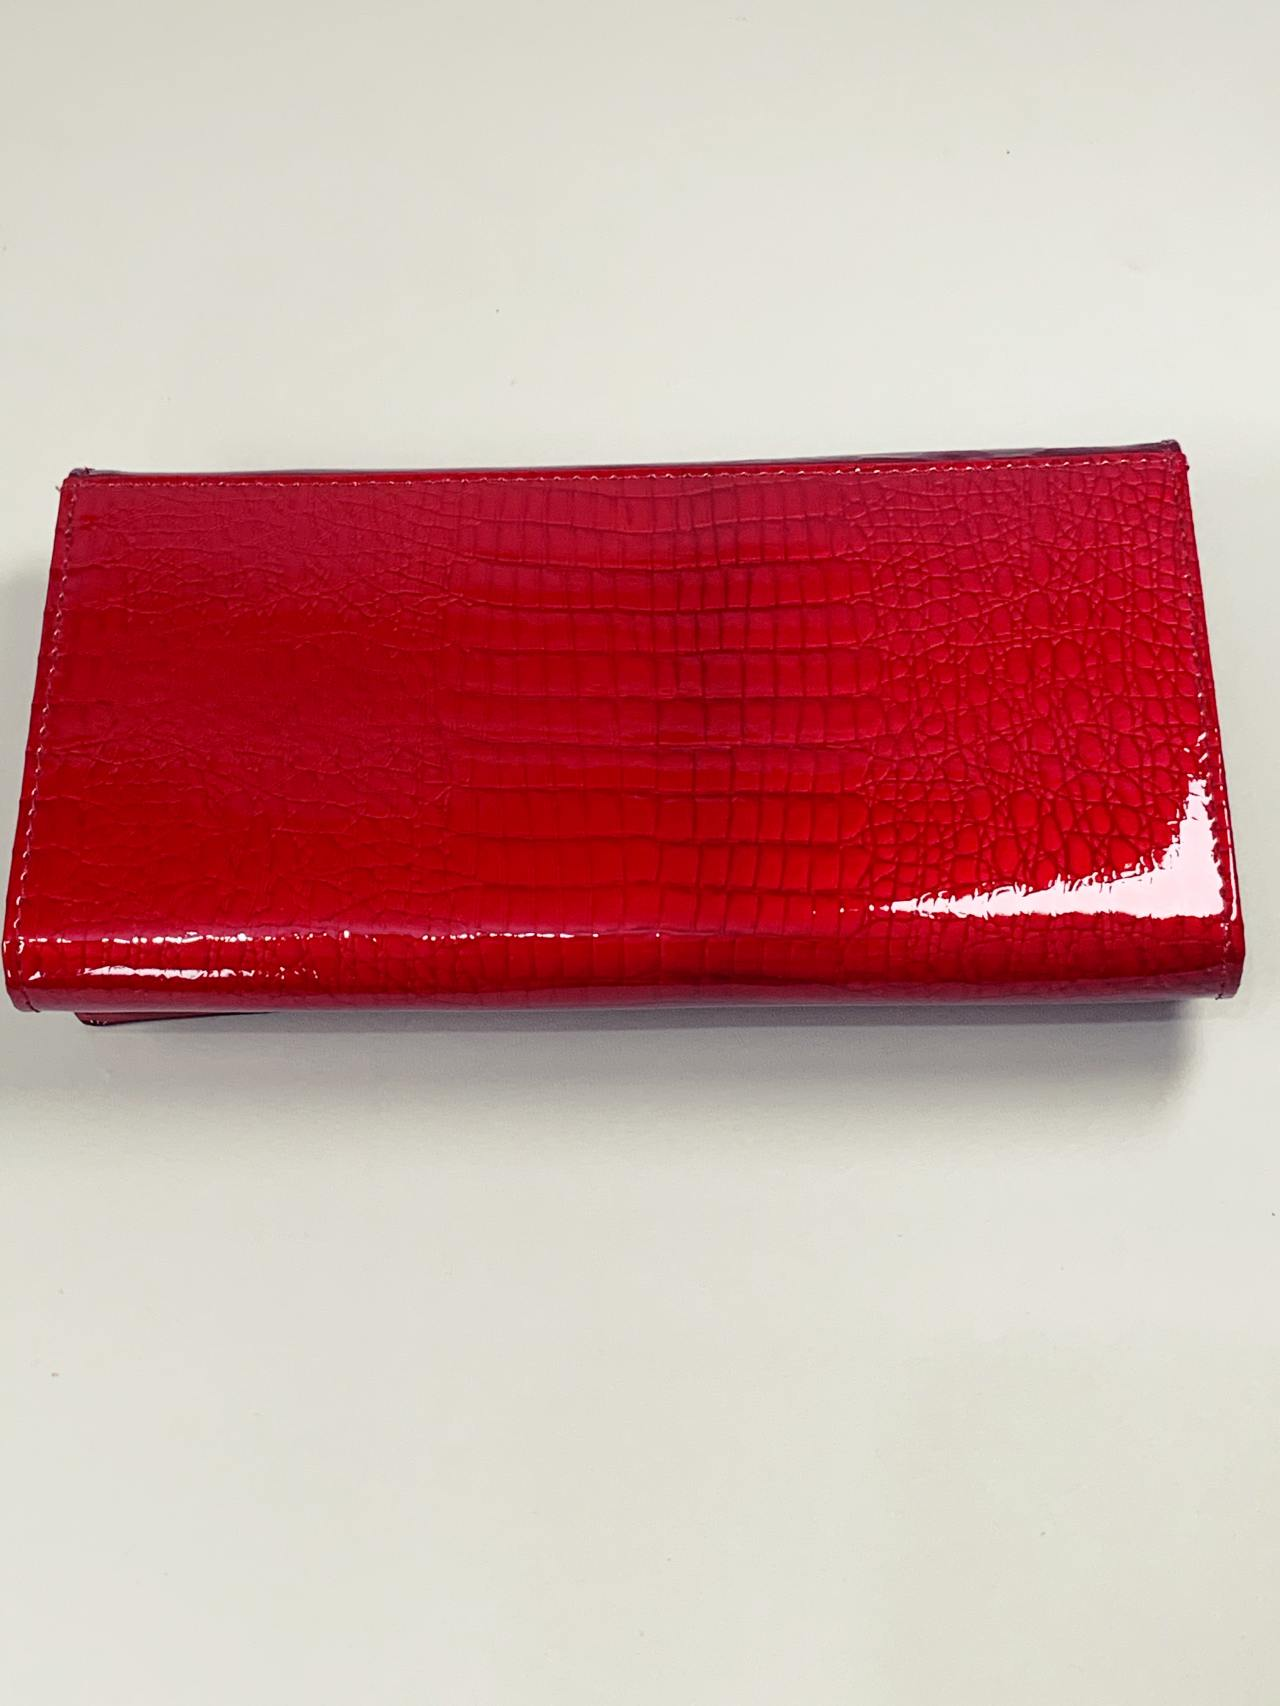 Kožená peněženka Cavaldi L červená -05